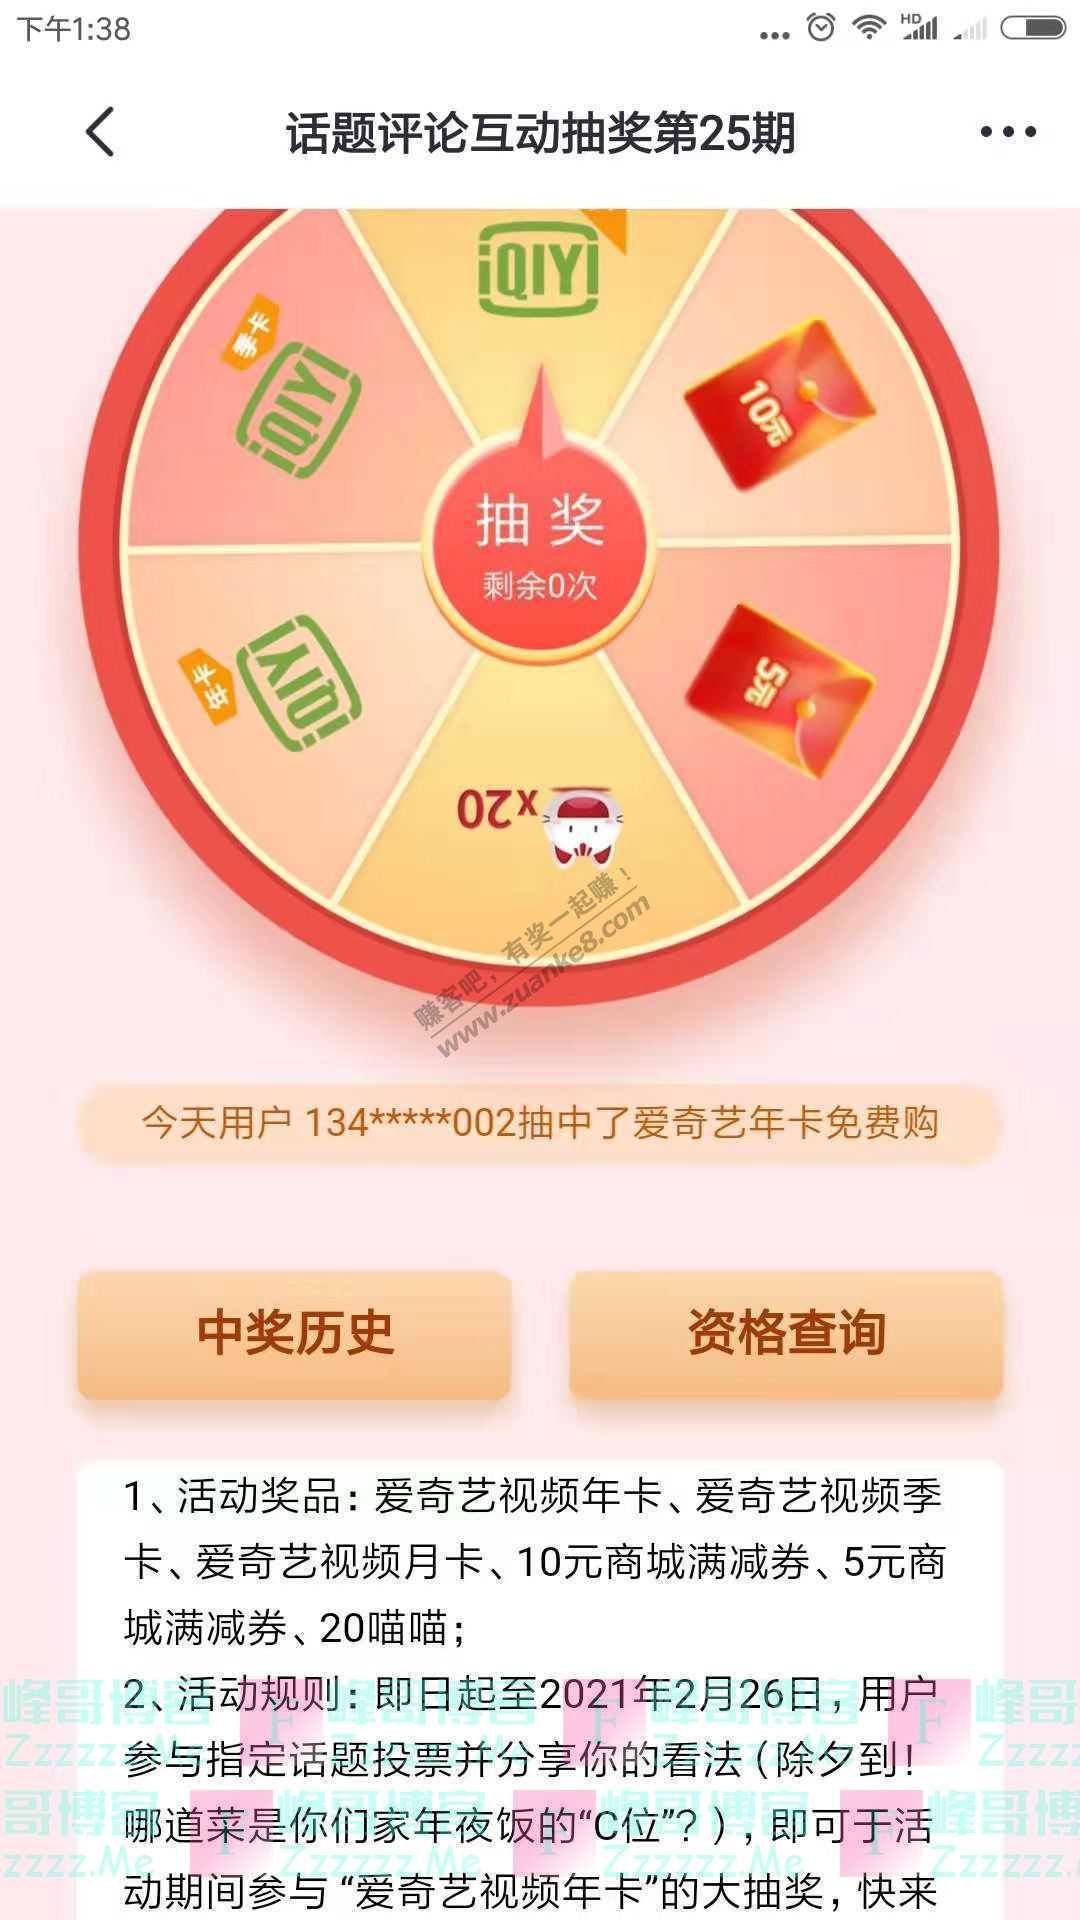 掌上生活app话题评论互动抽奖第25期(截止2月26日)